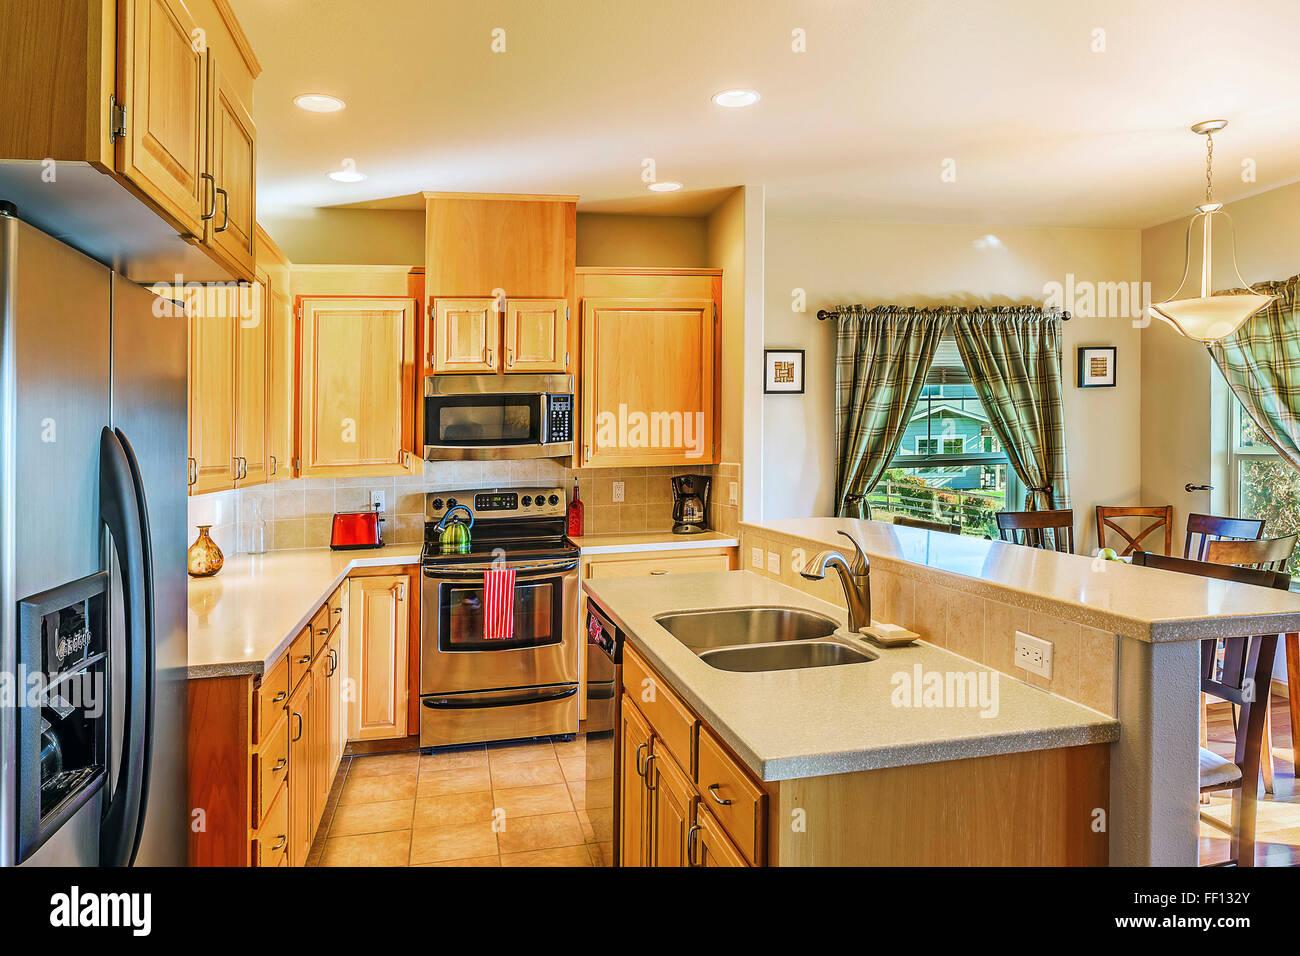 Les comptoirs et armoires de cuisine moderne Photo Stock